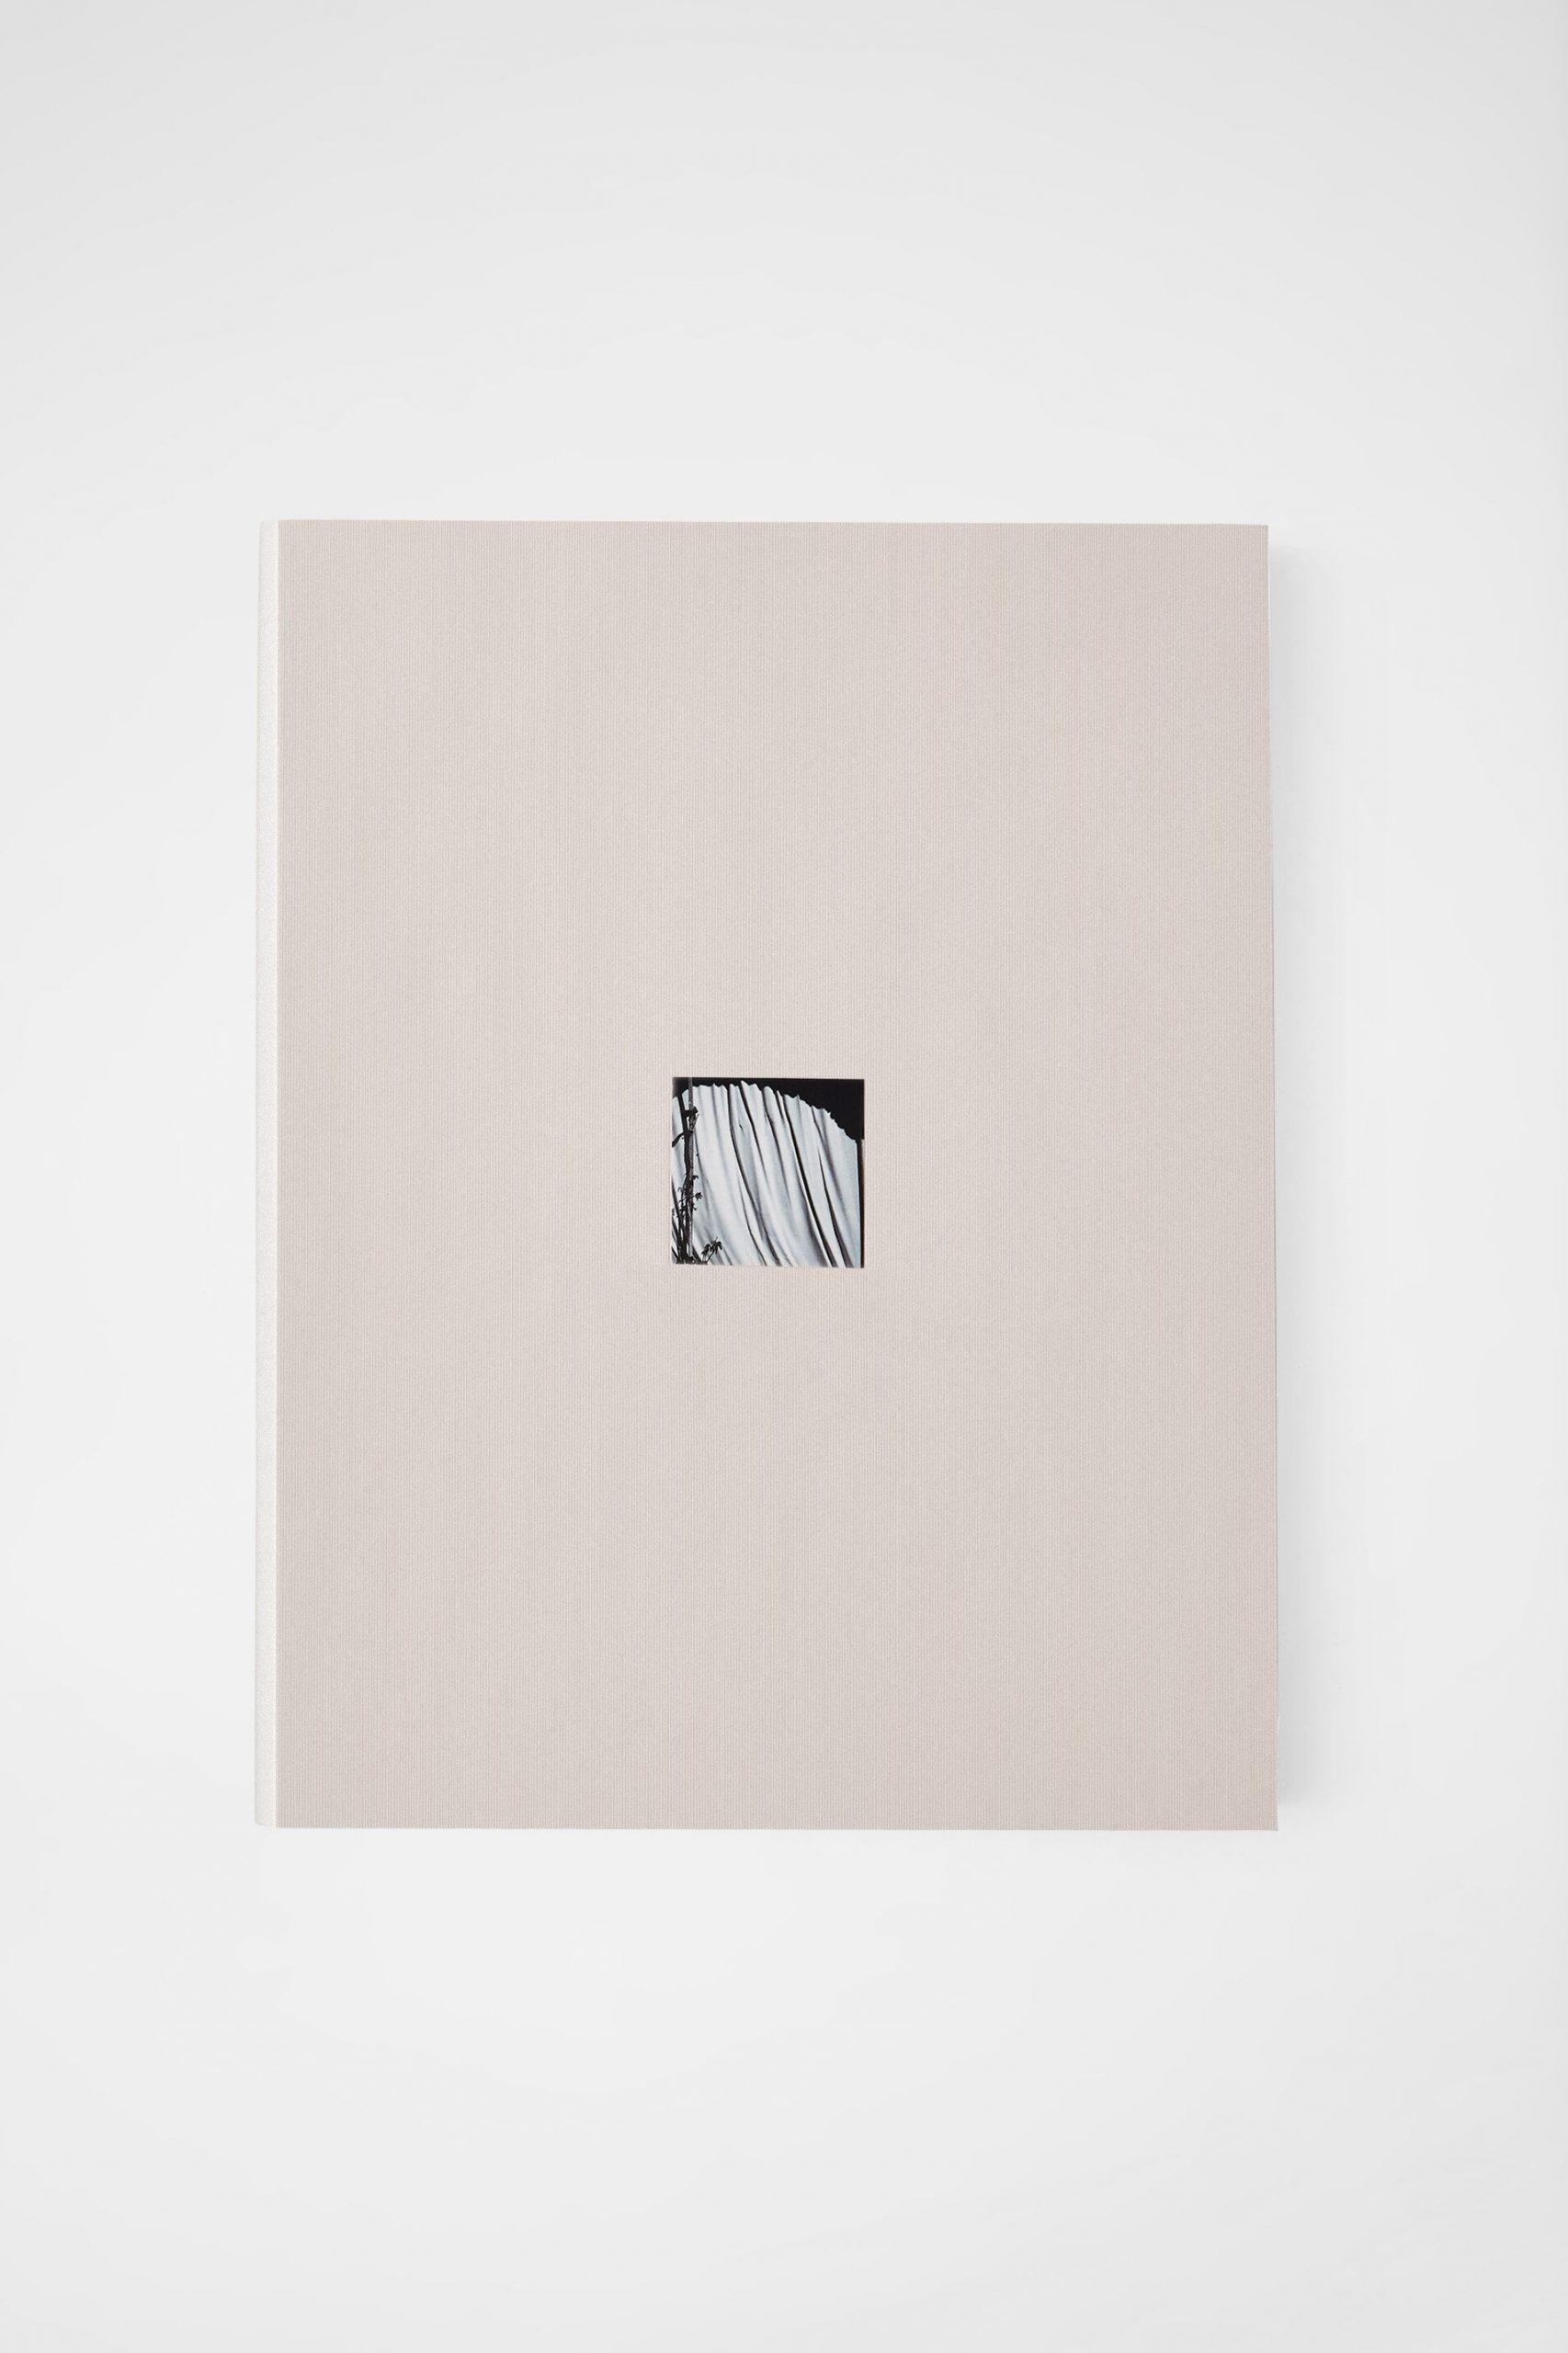 Jil Sander Publishes Olivier Kervern's 'Sicily' book